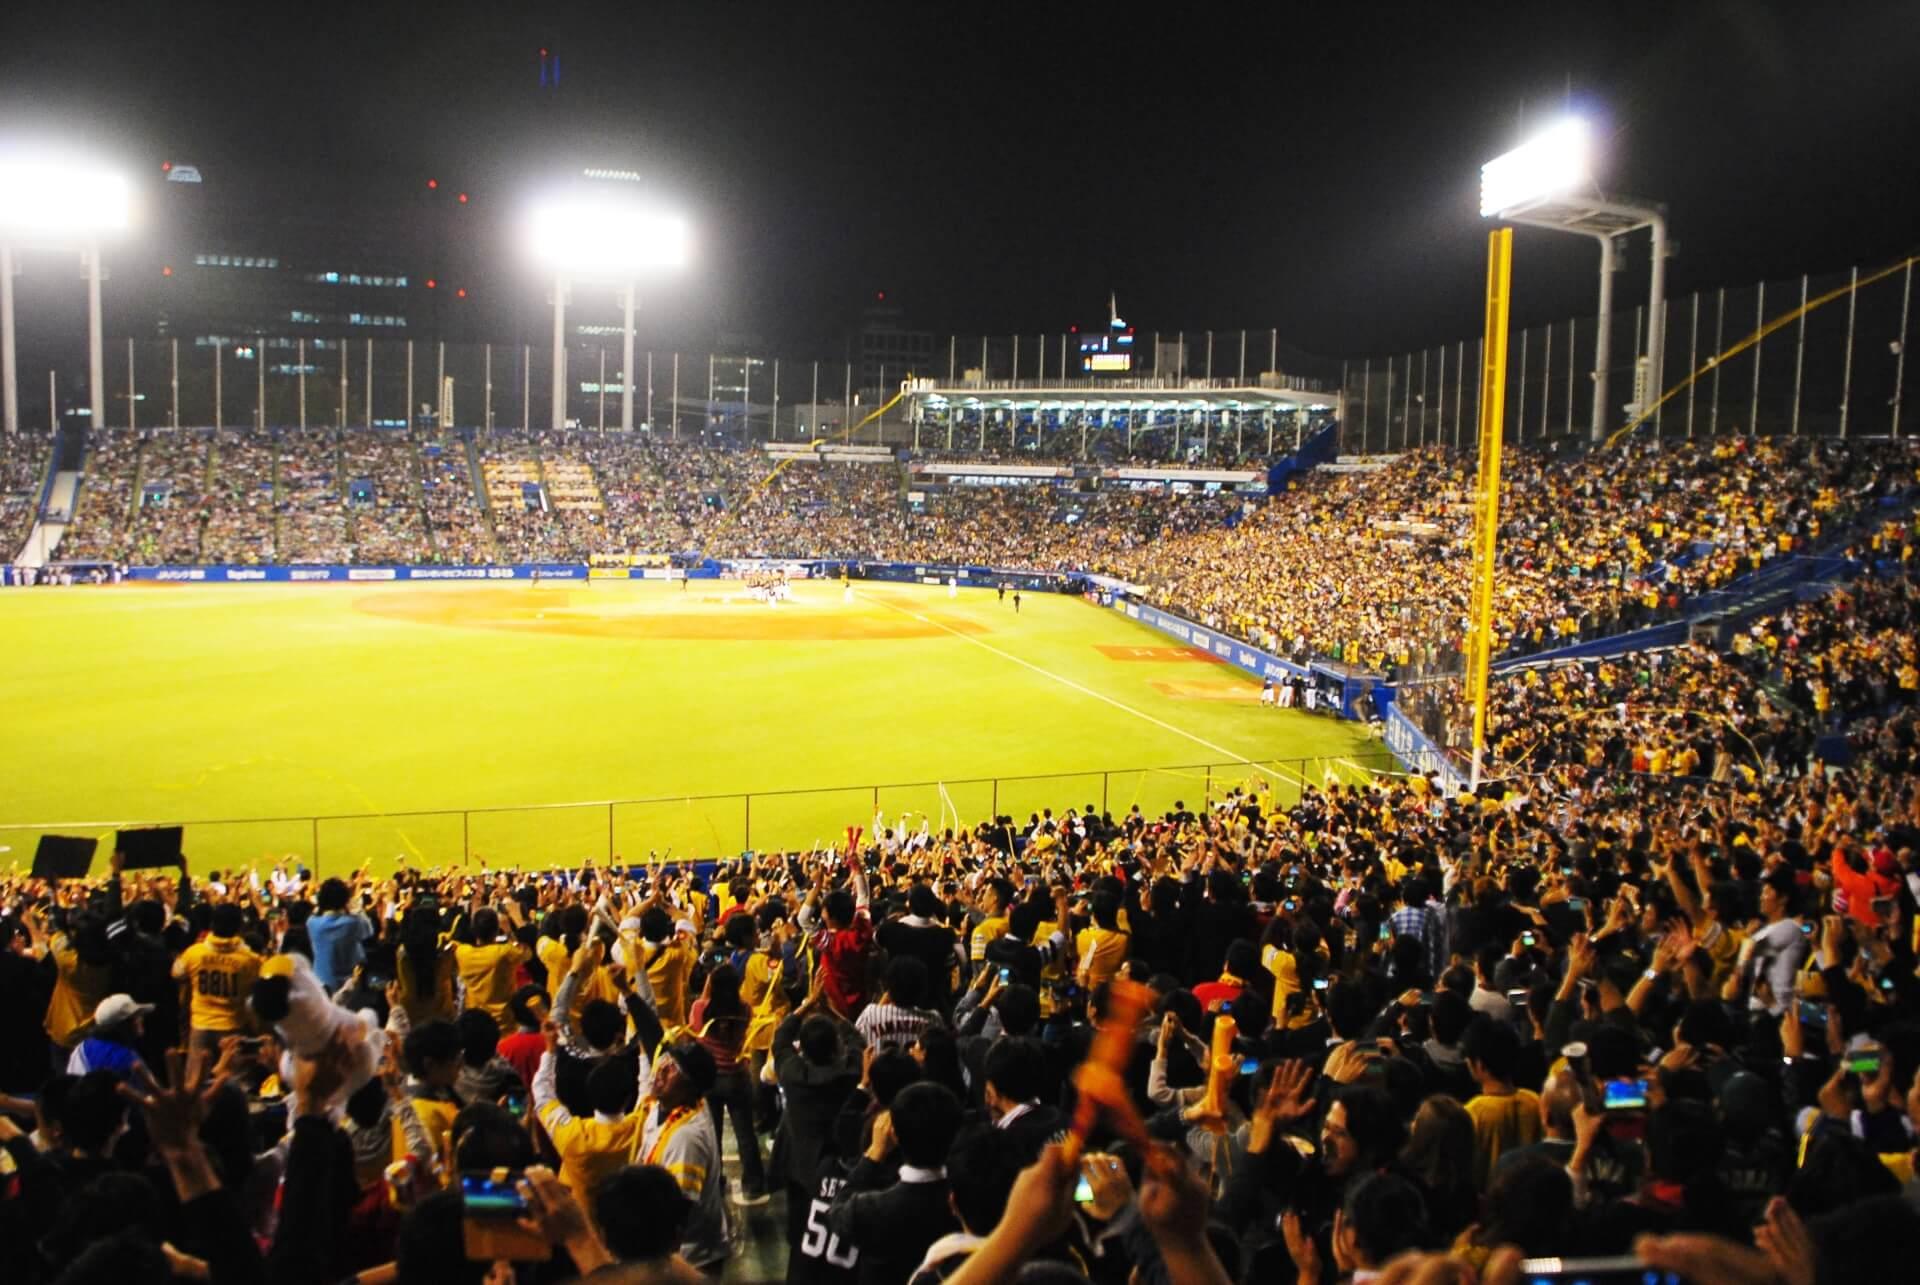 プロ野球などスポーツ観戦におすすめのNikon COOLPIX「ウルトラズームカメラ」をご紹介!